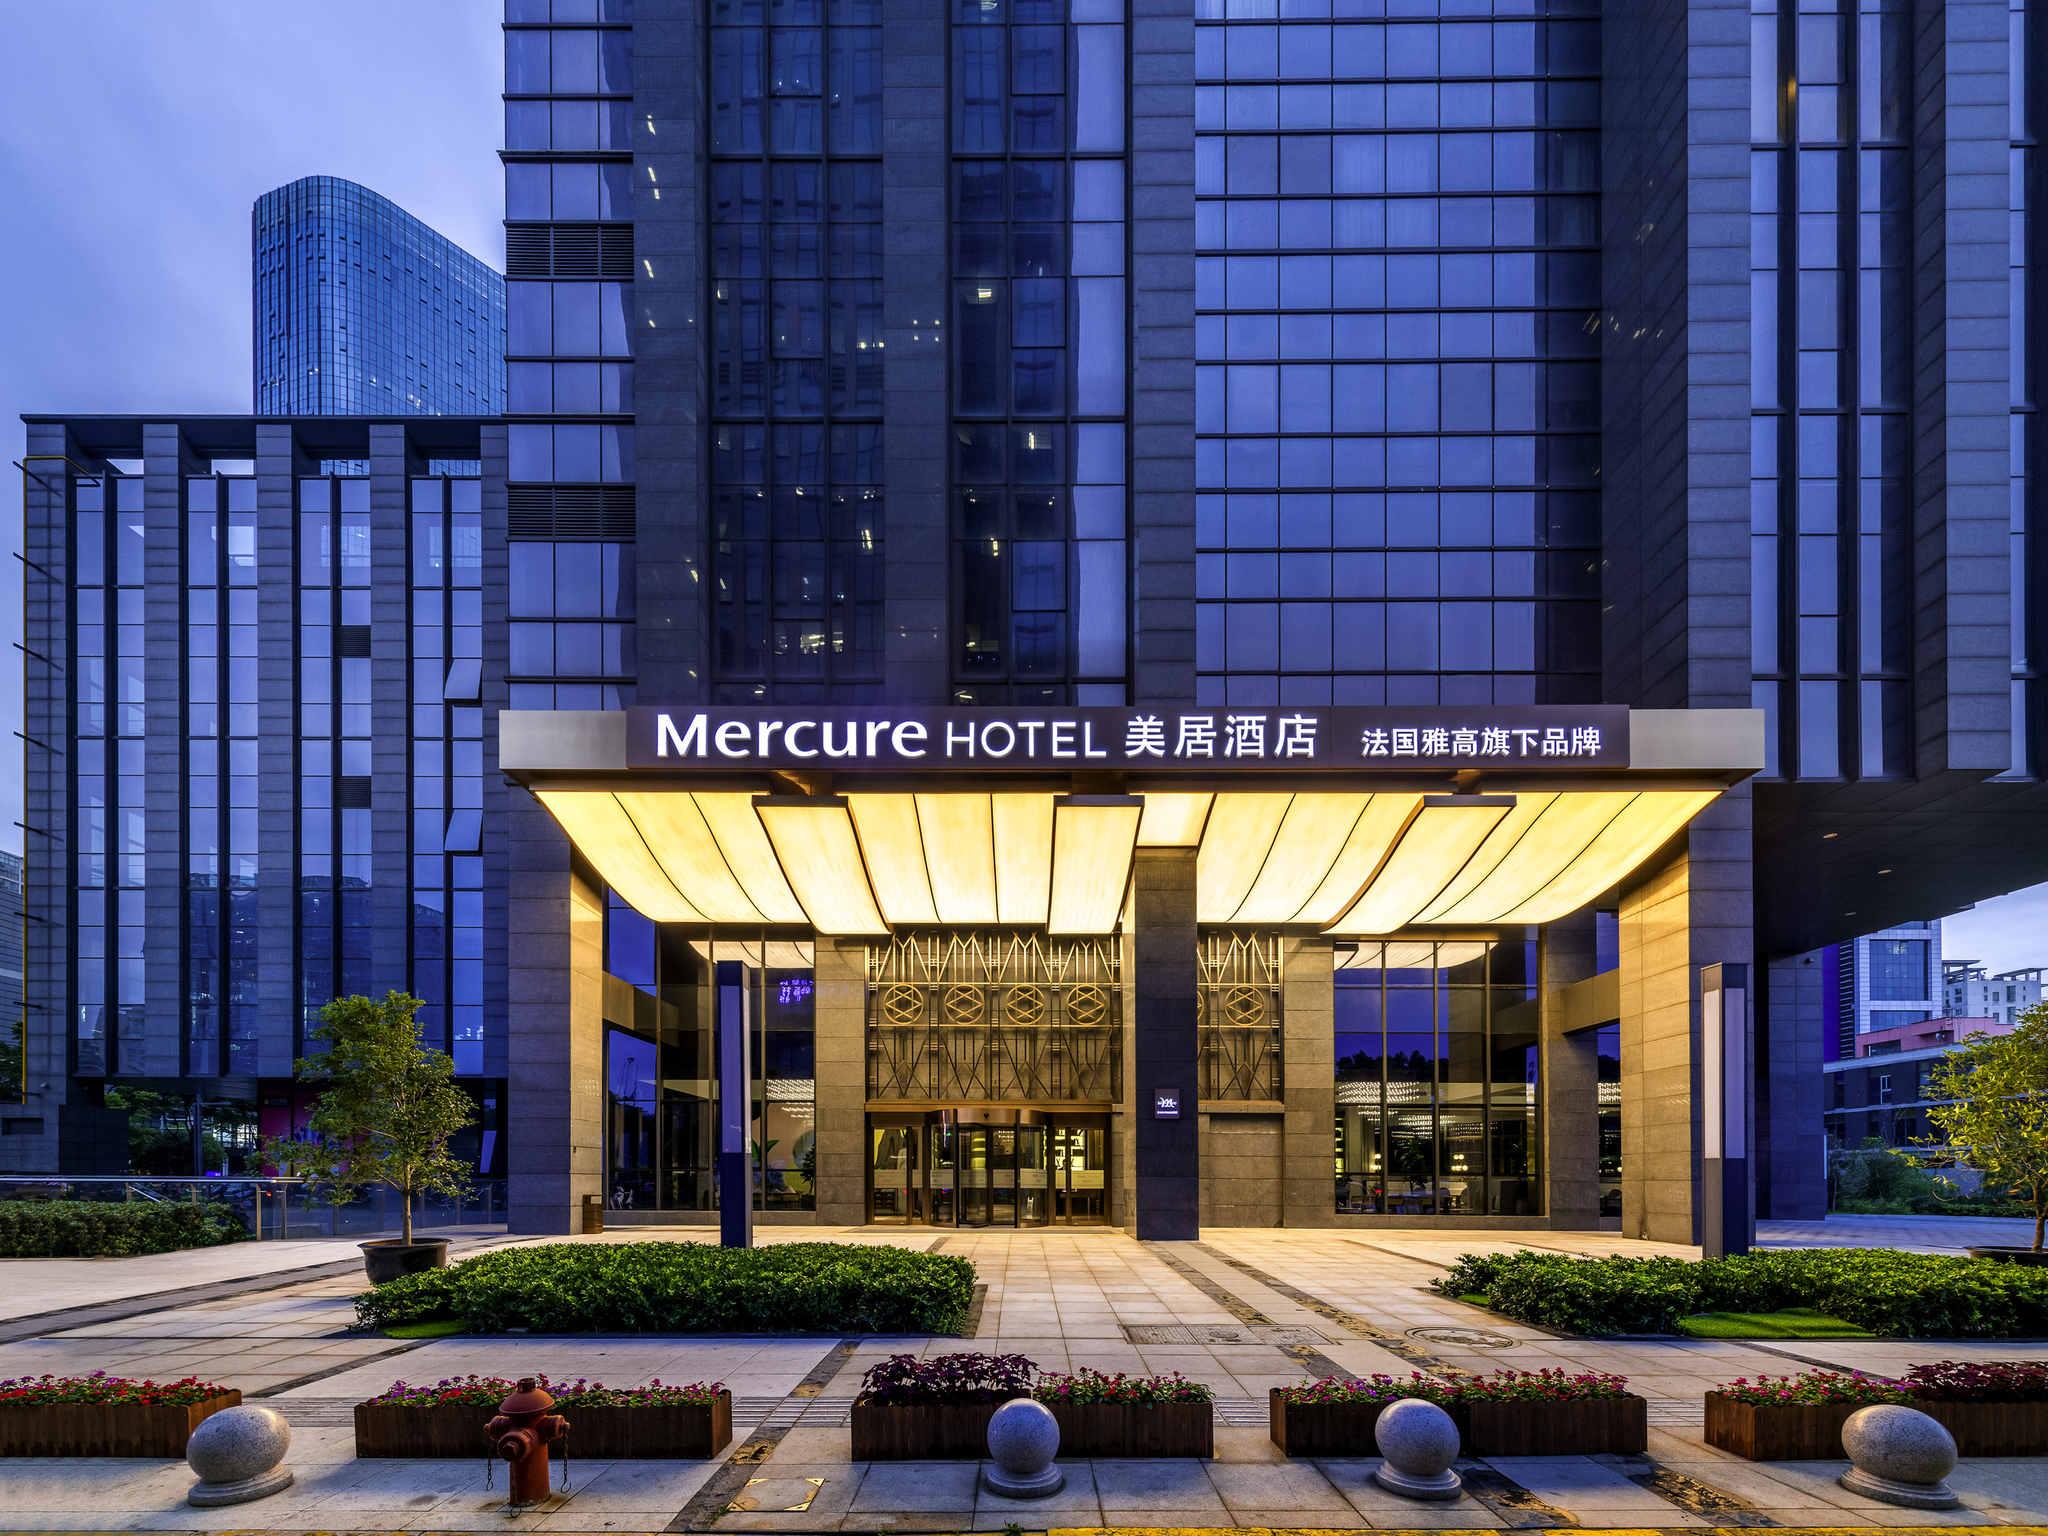 โรงแรม – Mercure Suzhou Jinji Lake (Opening August 2018)